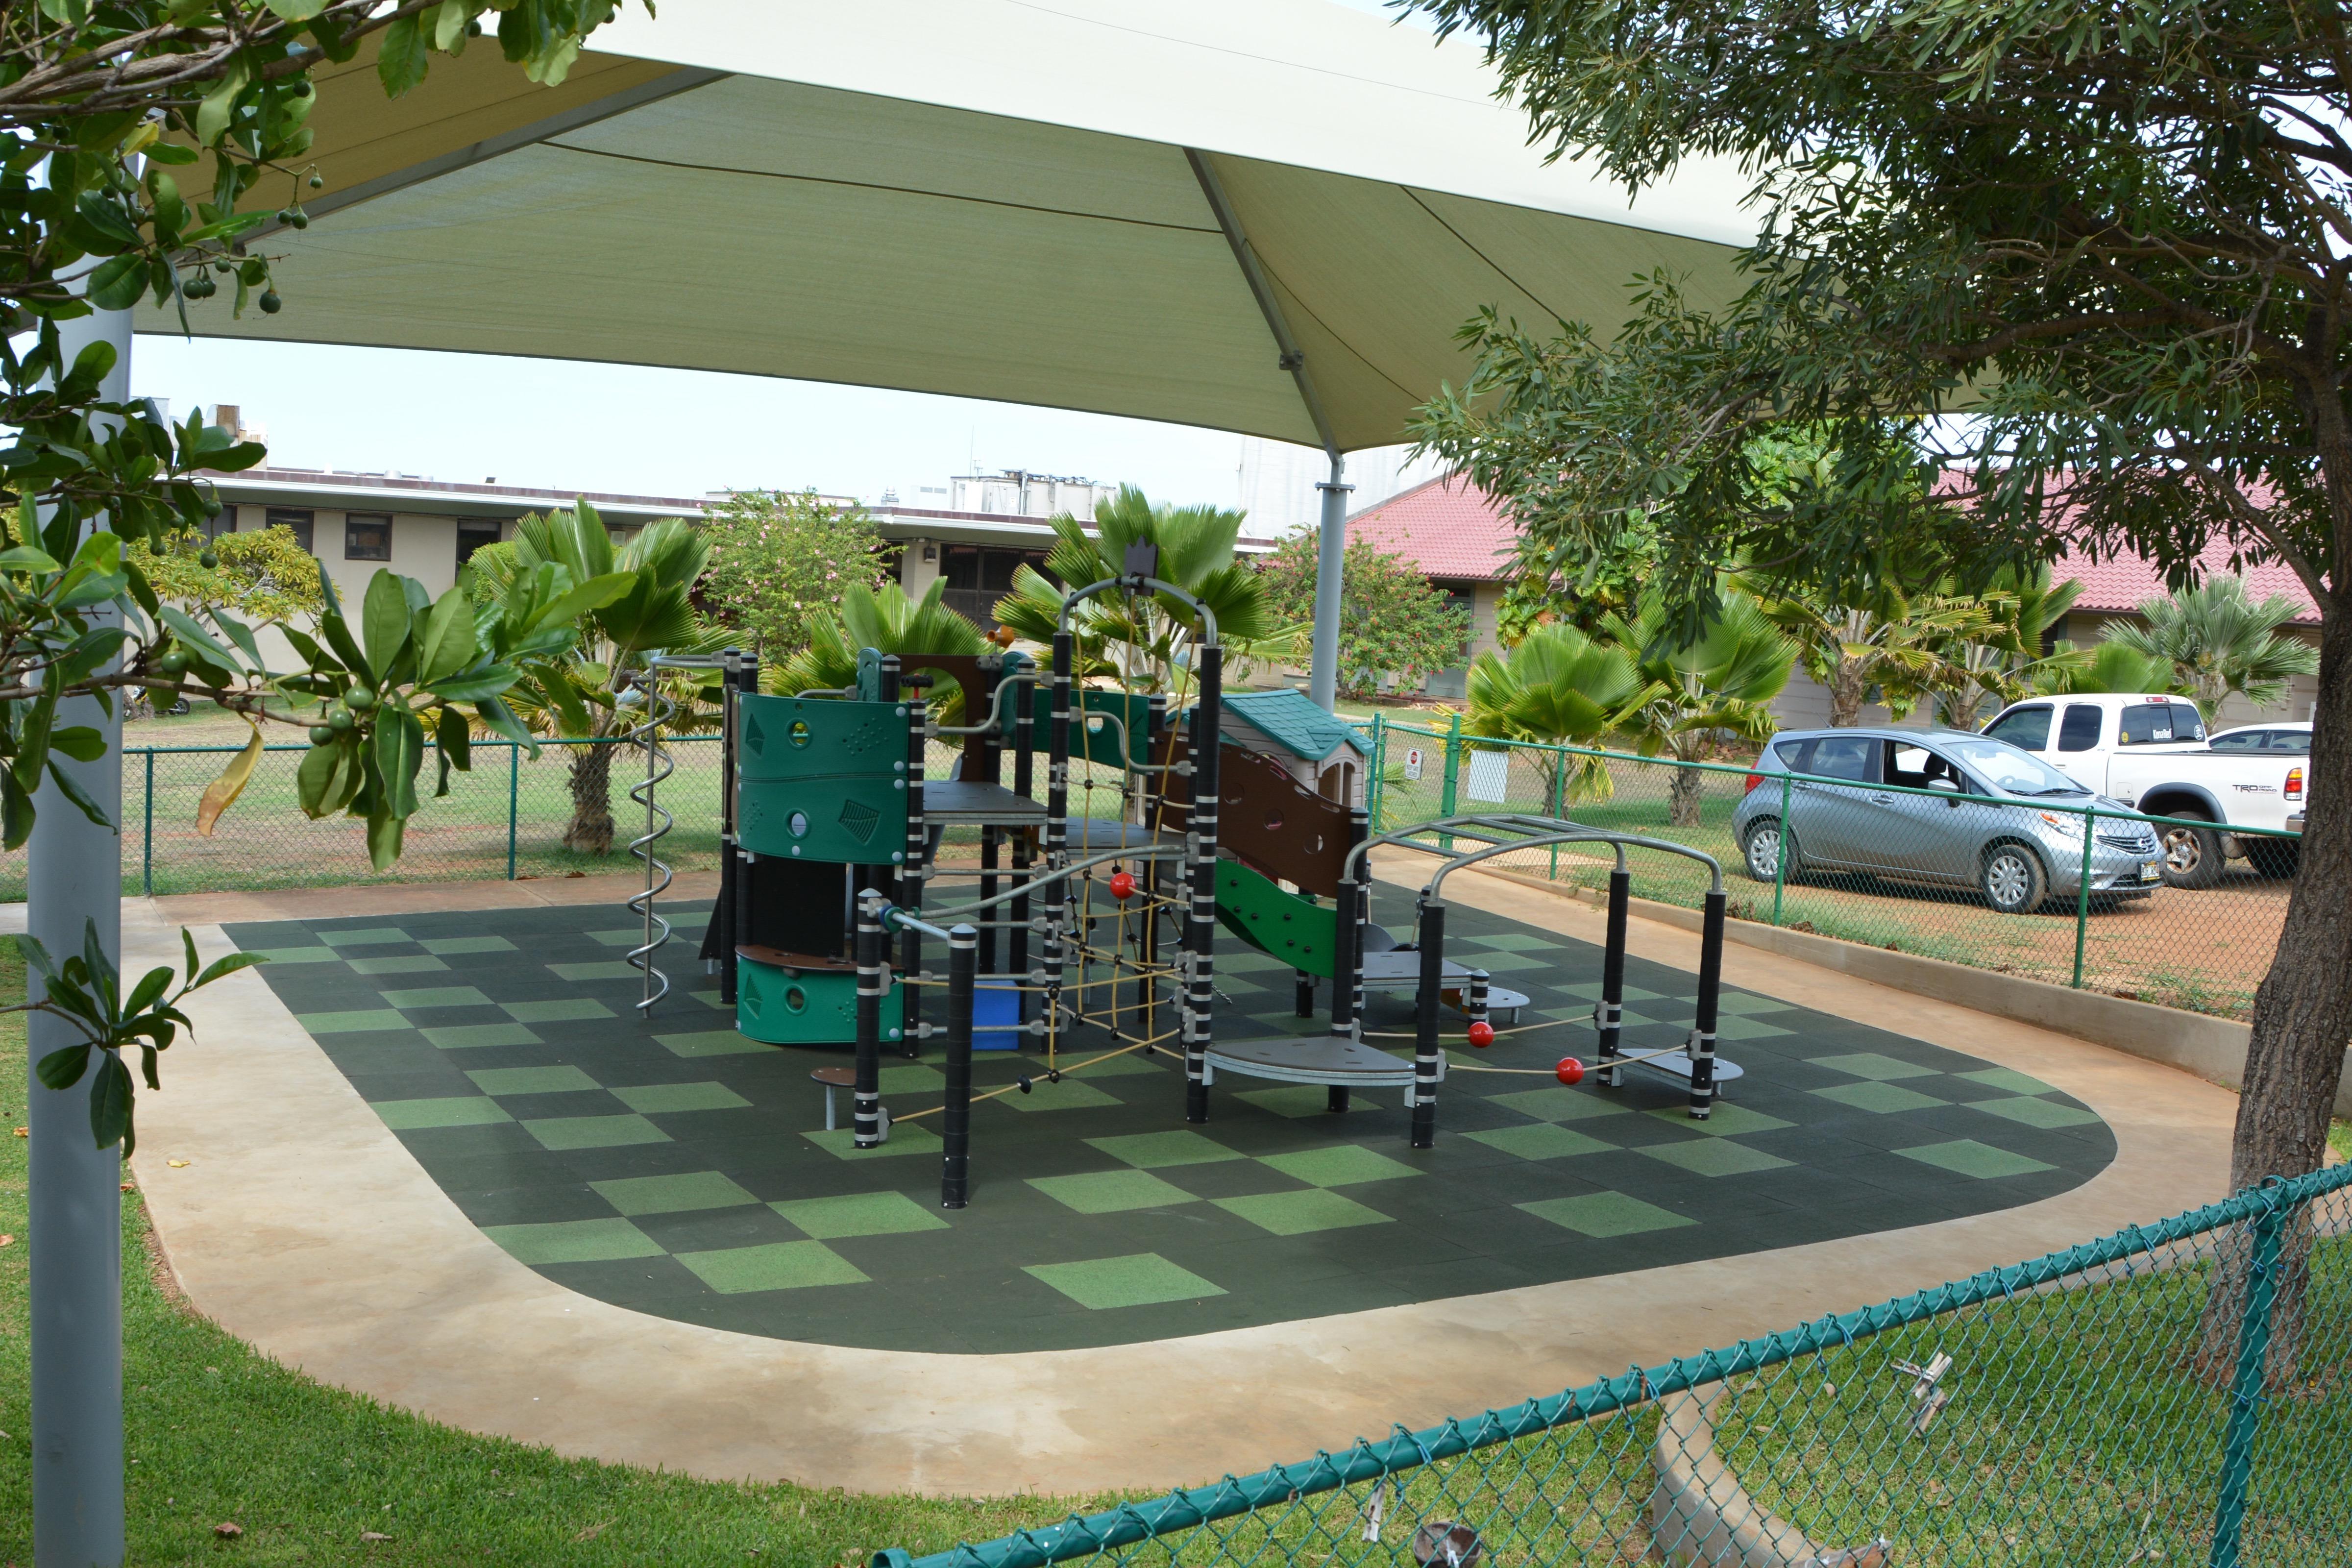 playground shade structure